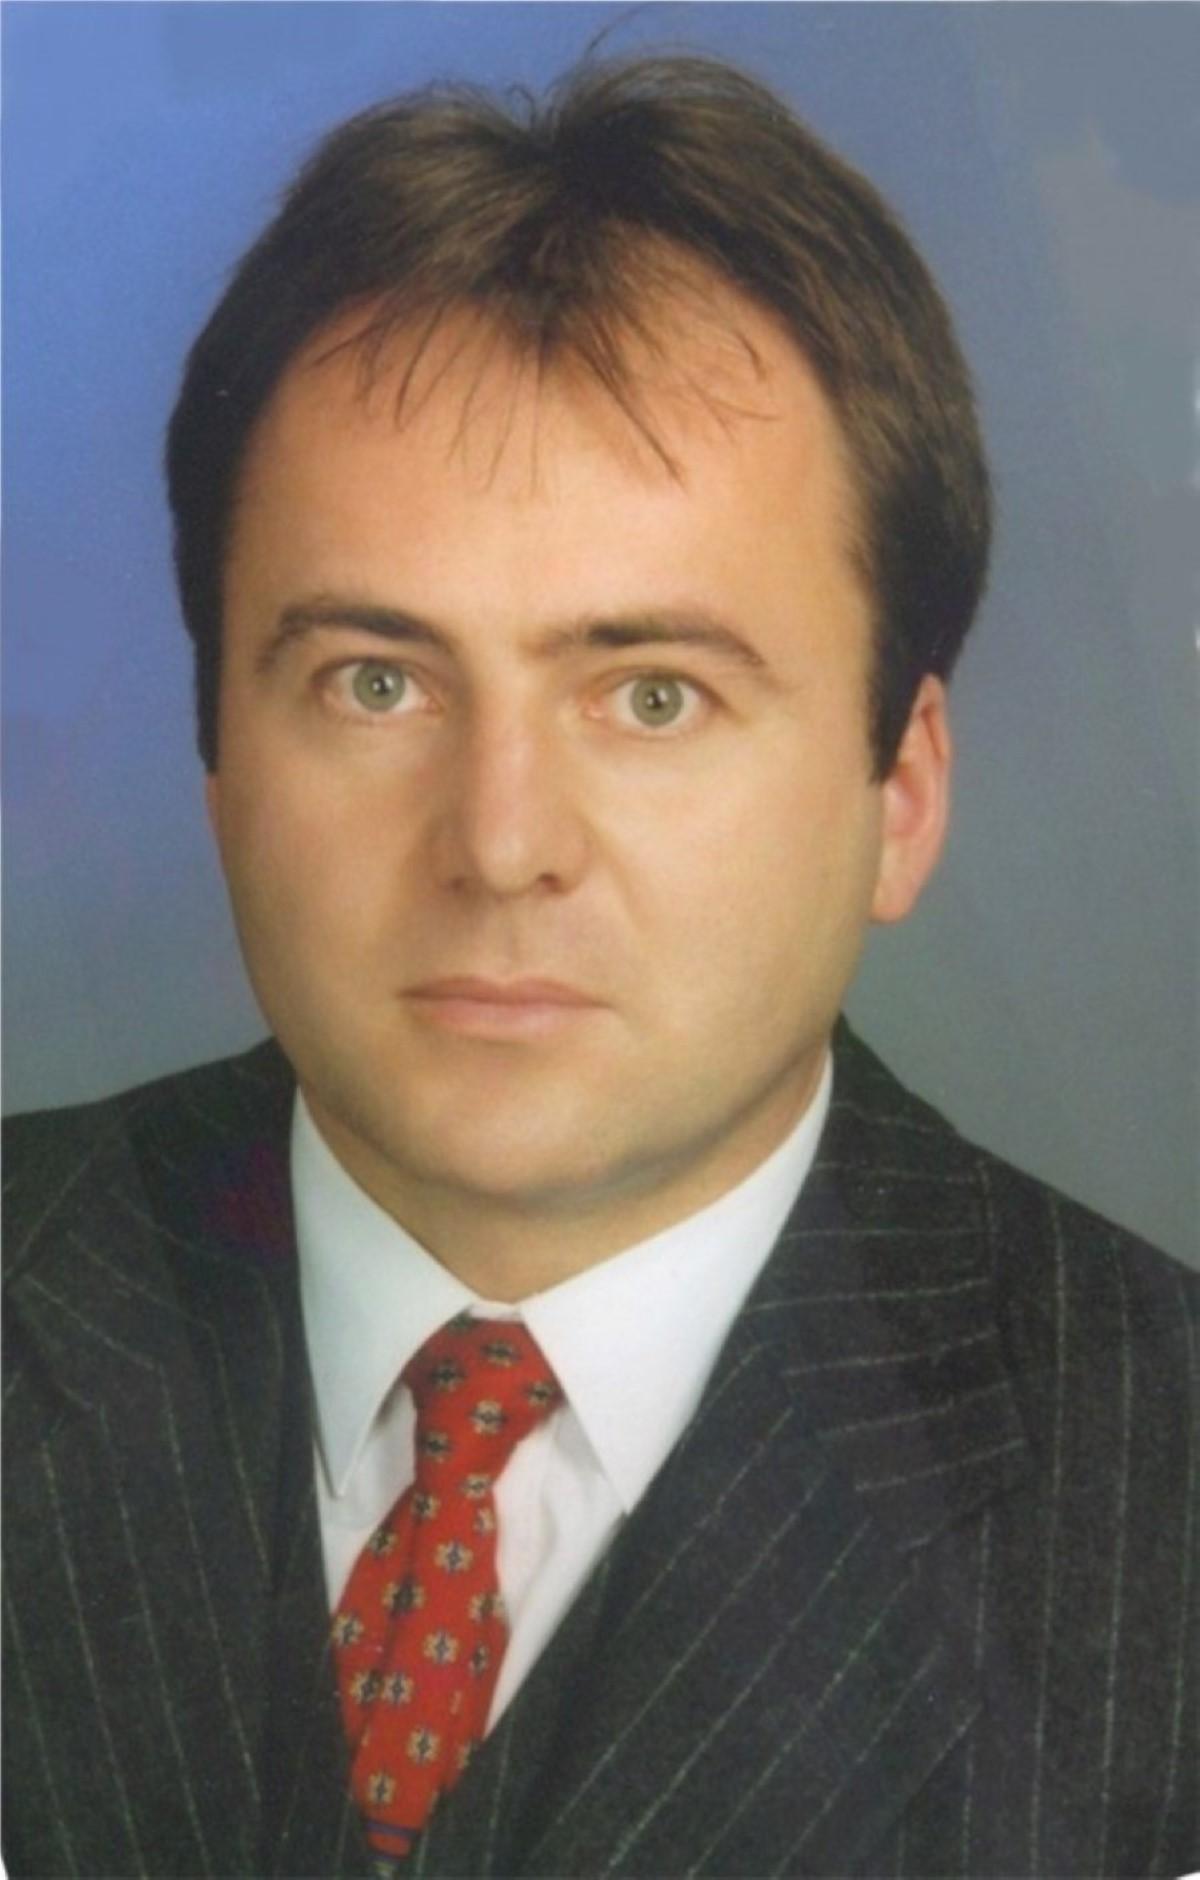 társkereső ügyvédek szilveszter egyetlen párt 2021 hannover